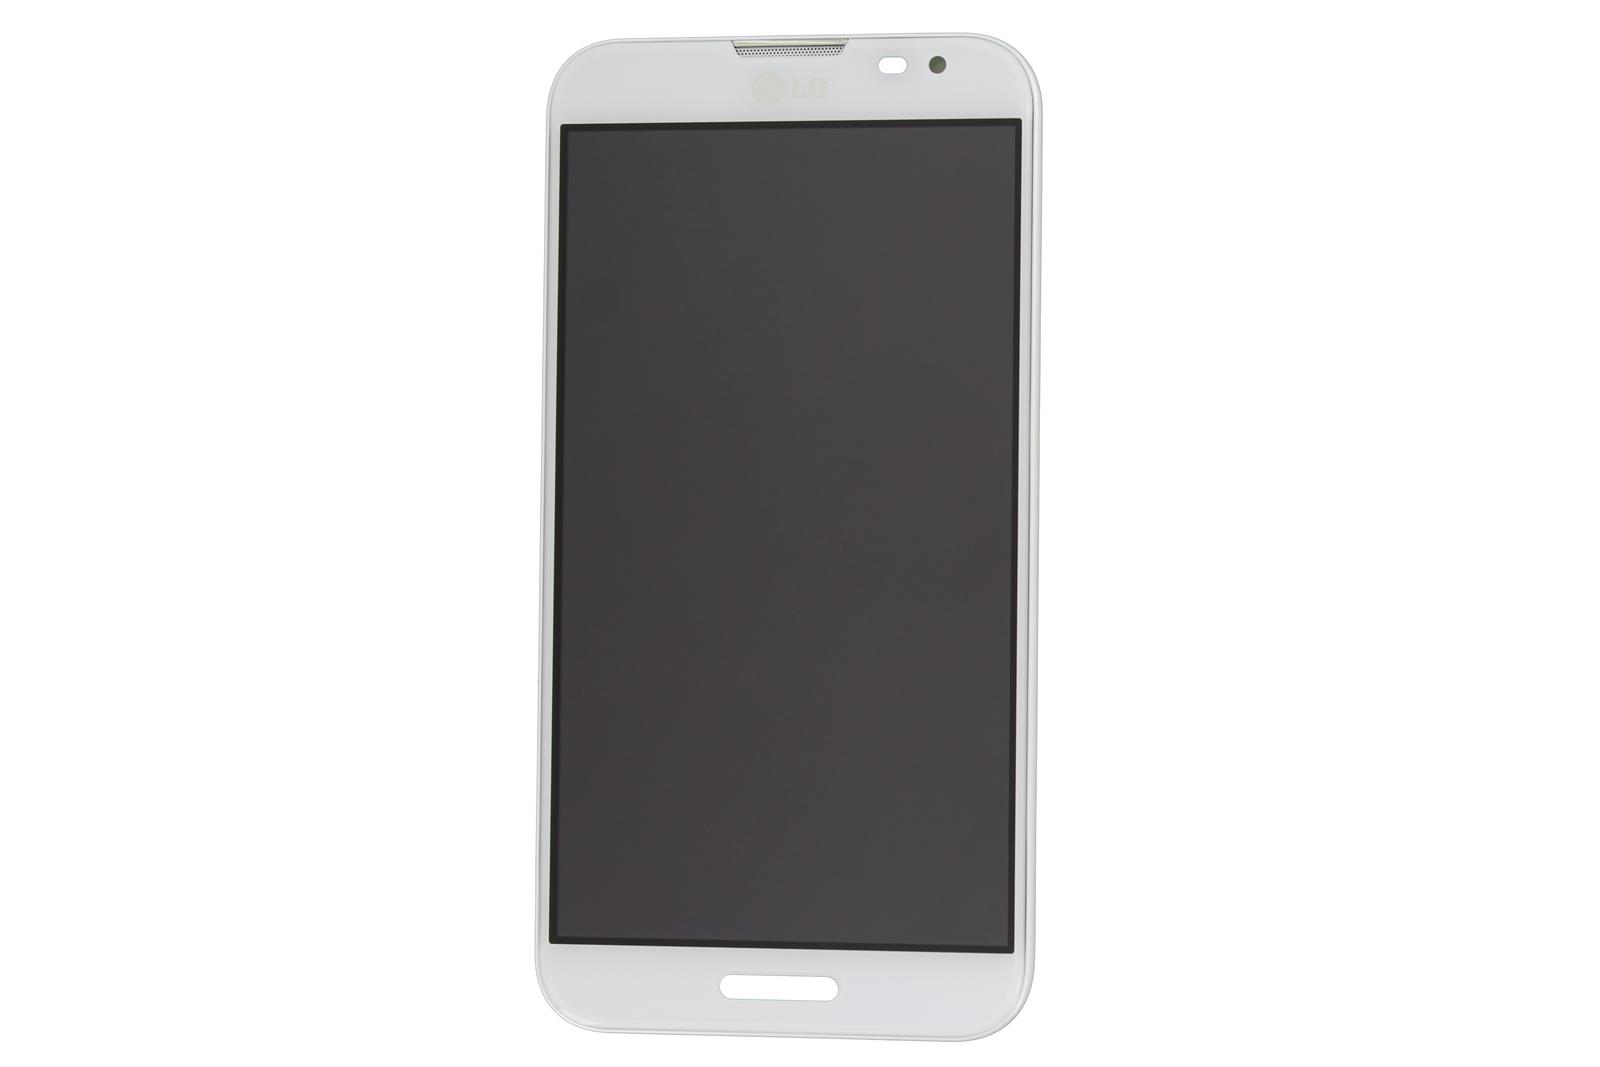 DIGITIZER LG E986 WHITE